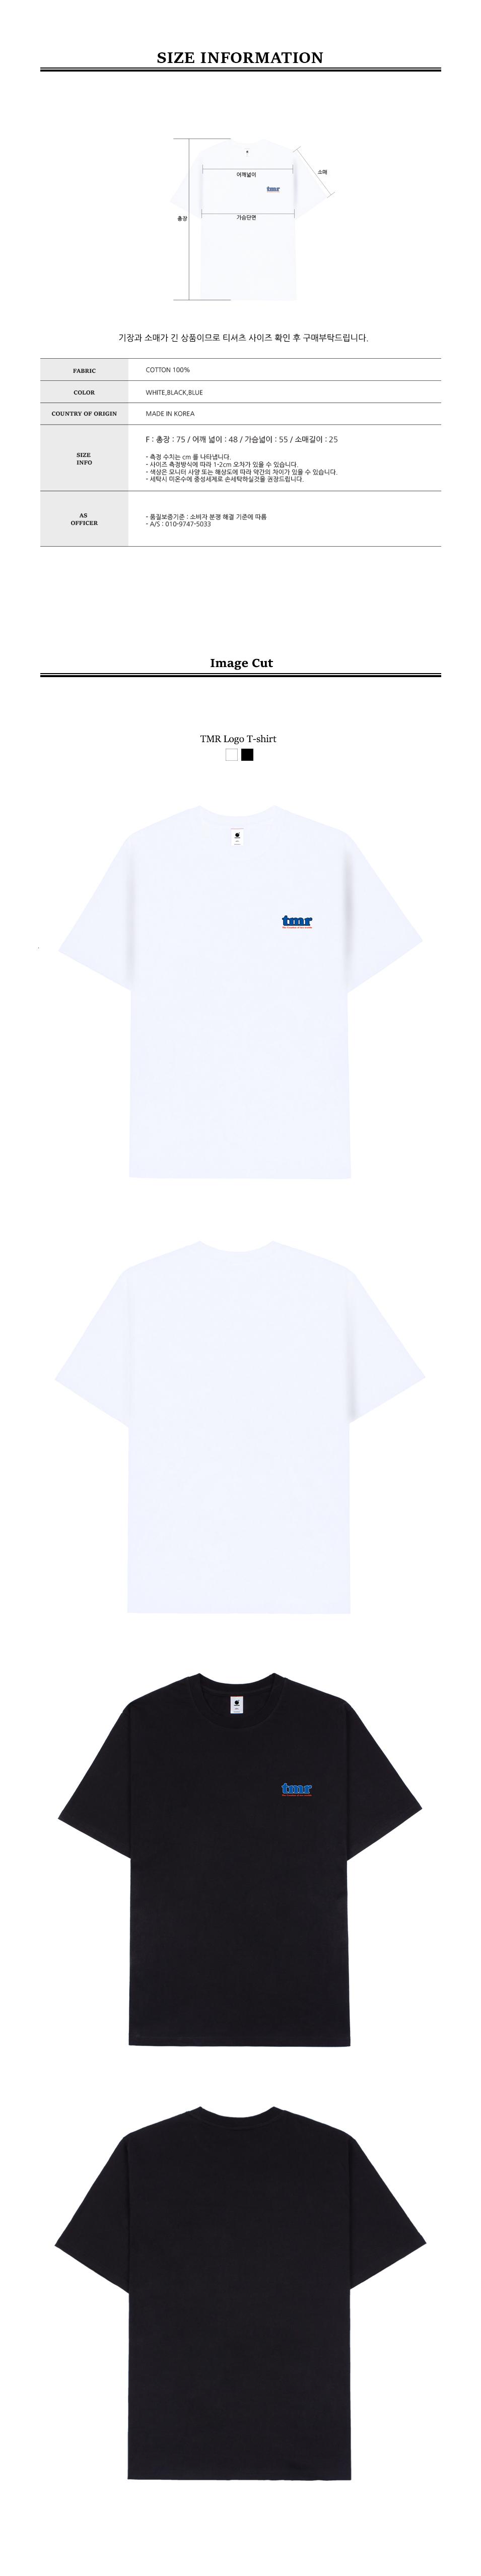 레이아웃-제작중-(18ss)-분할저장3번3.jpg